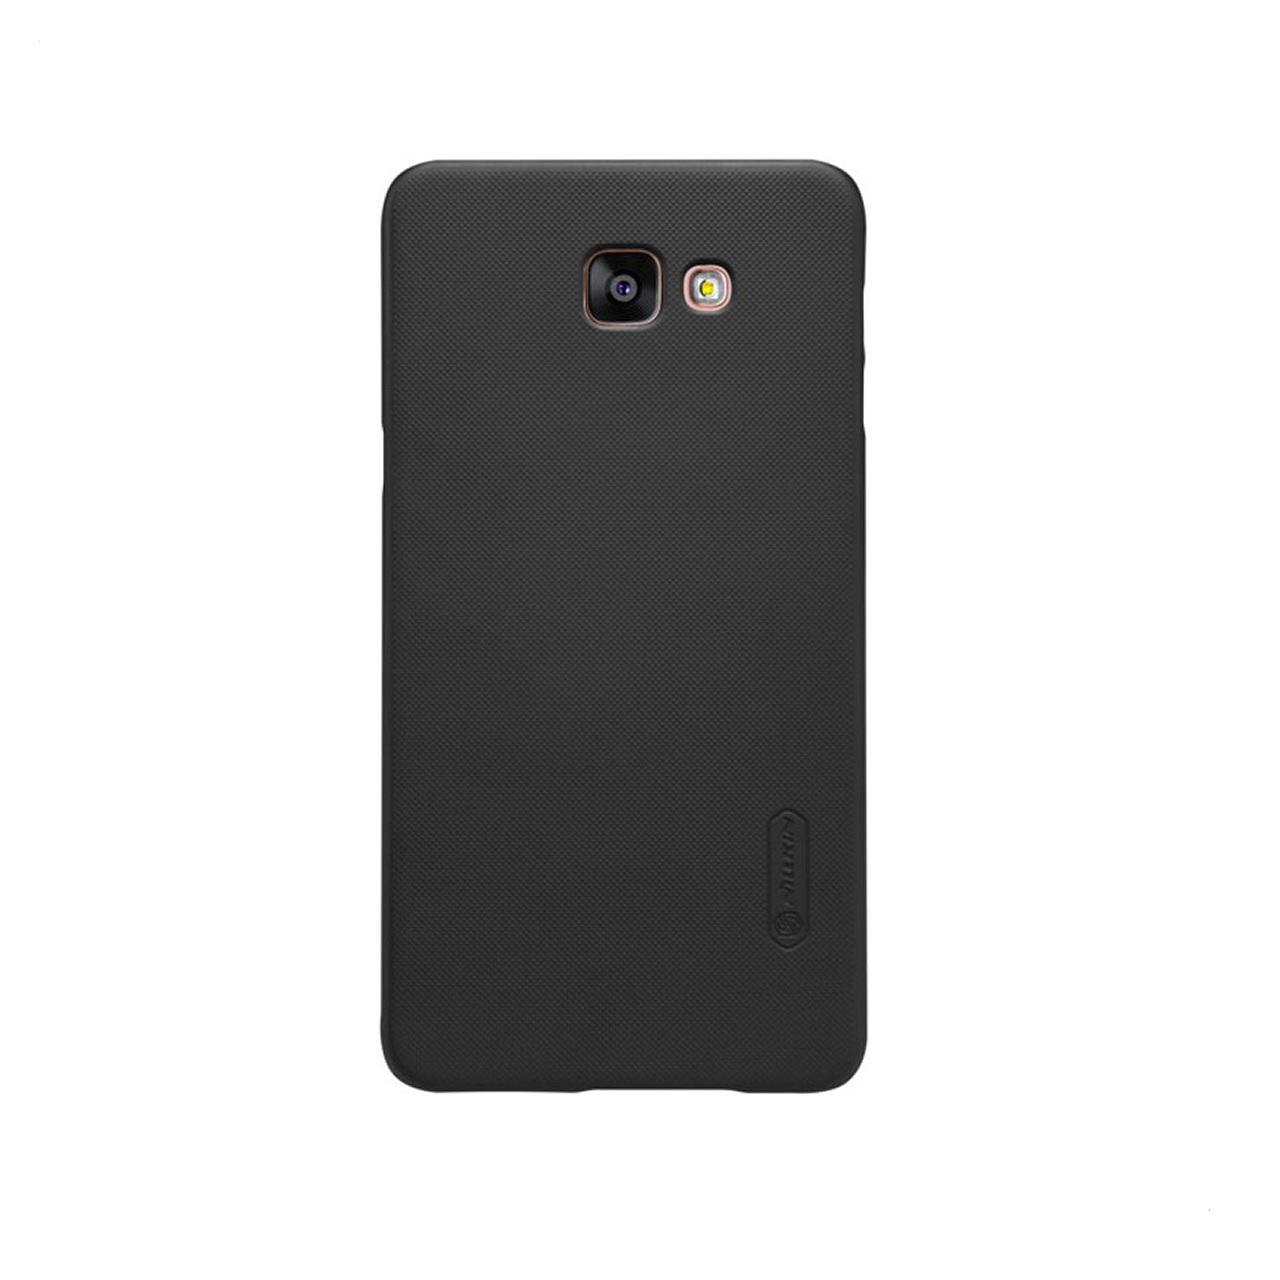 کاور نیلکین مدل Super Frosted Shield مناسب برای گوشی موبایل سامسونگ Galaxy A9